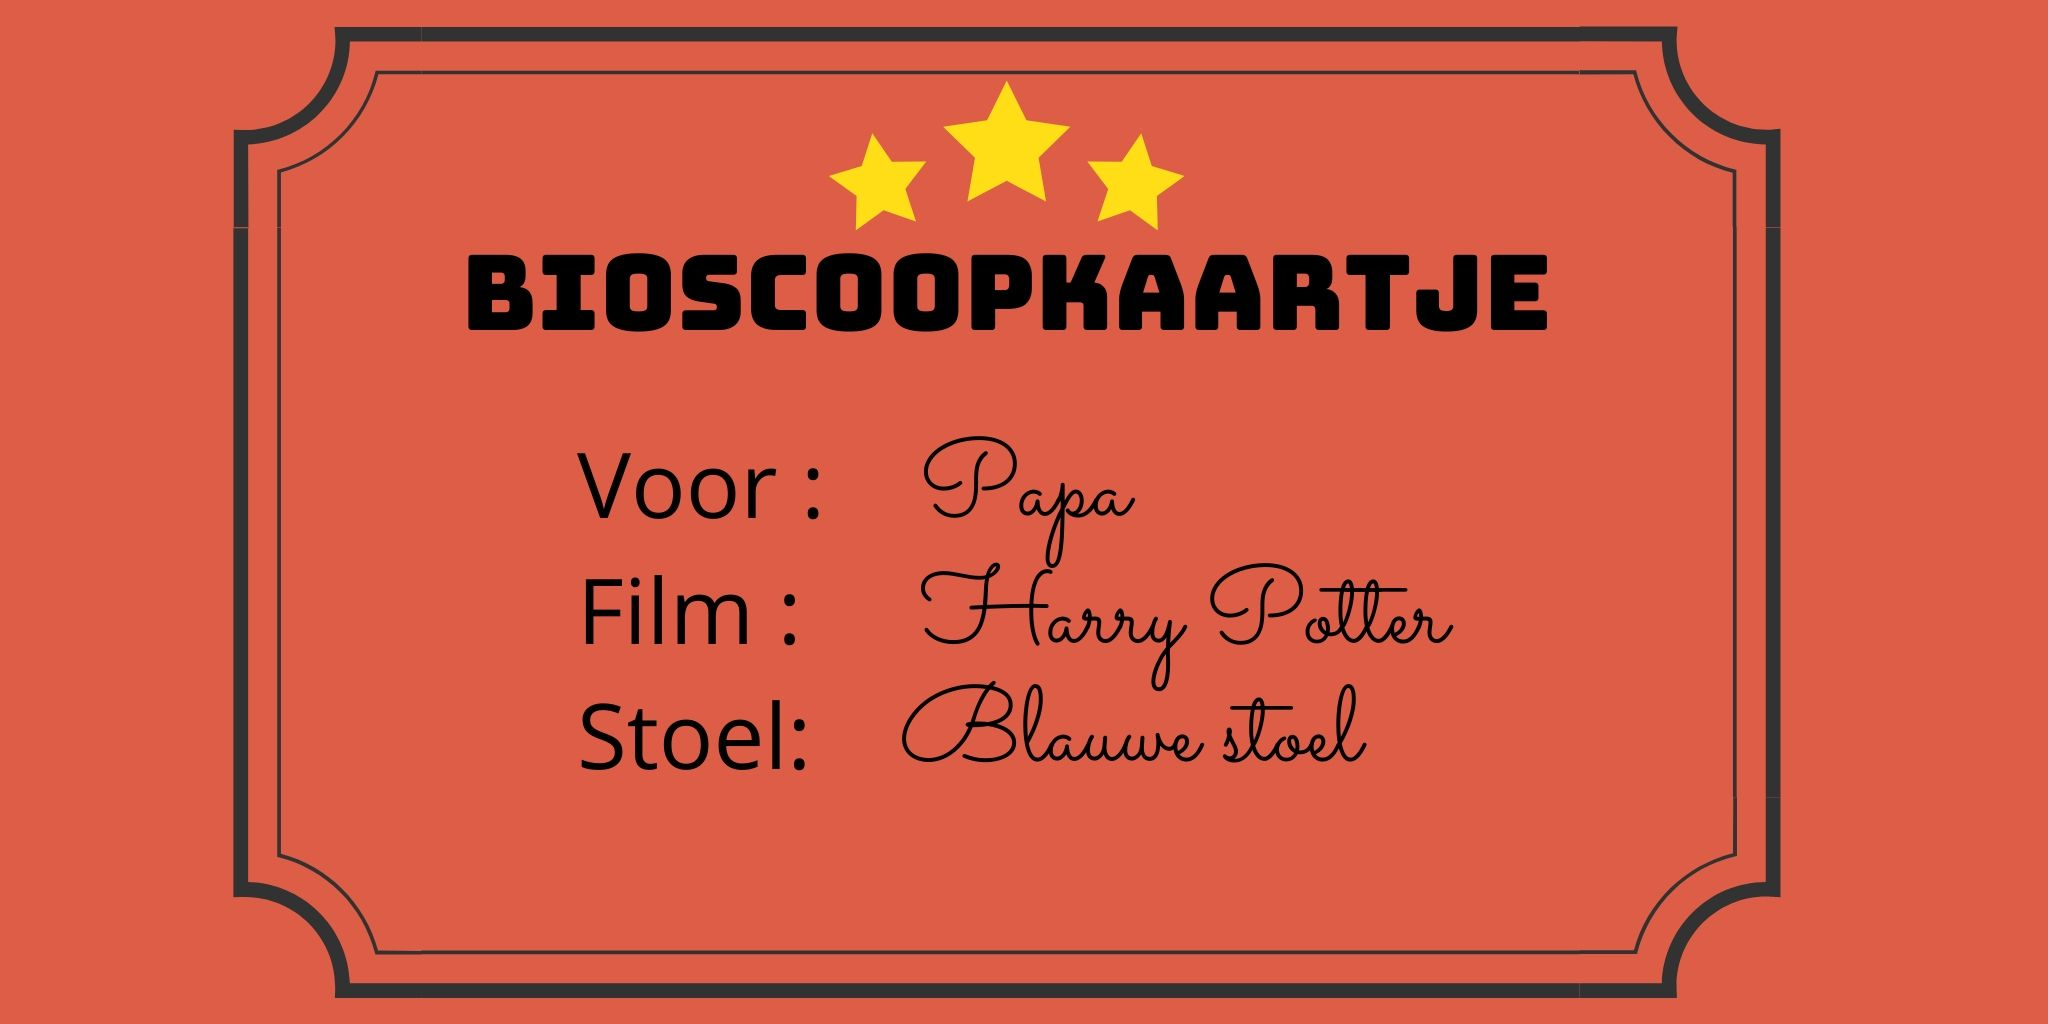 bioscoopkaartje